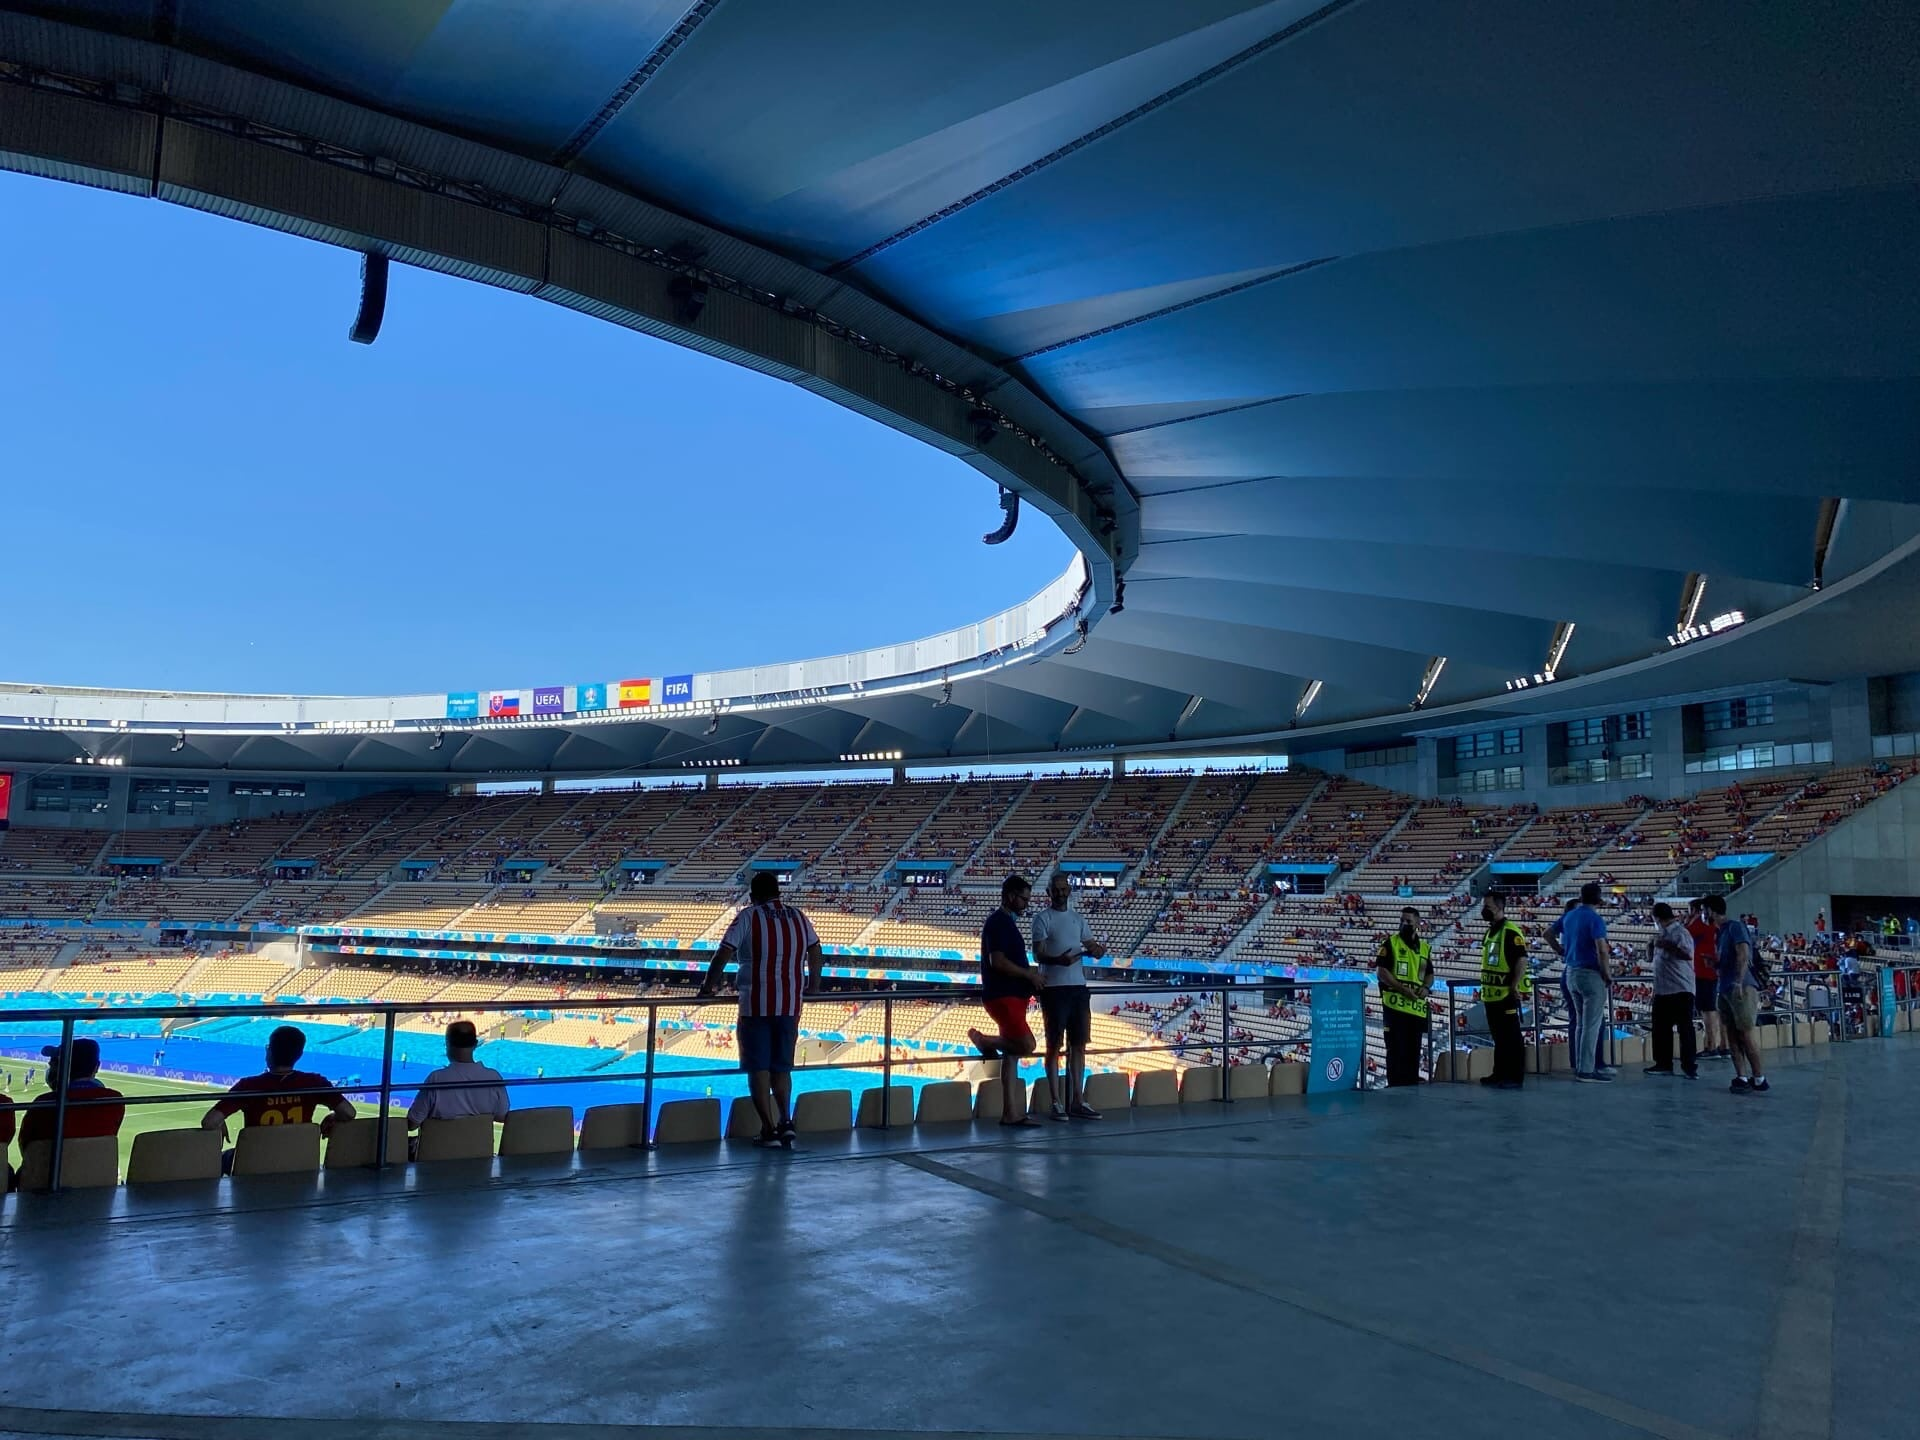 Впечатления со стадиона в Севилье, который страдает все 22 года. Зачем ему отдали Евро? Как там внутри?